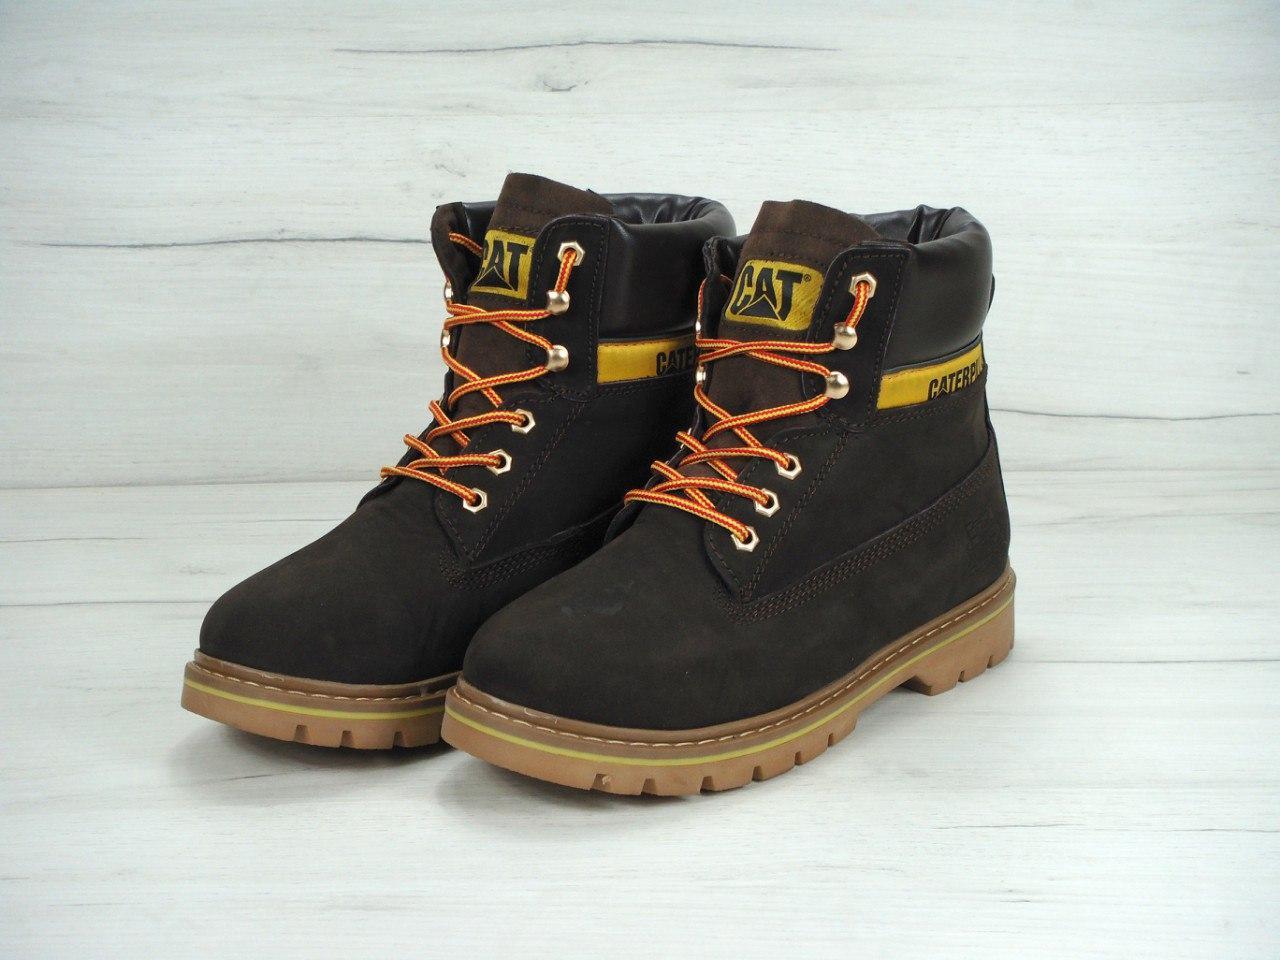 Зимние мужские ботинки Caterpillar коричневые топ реплика